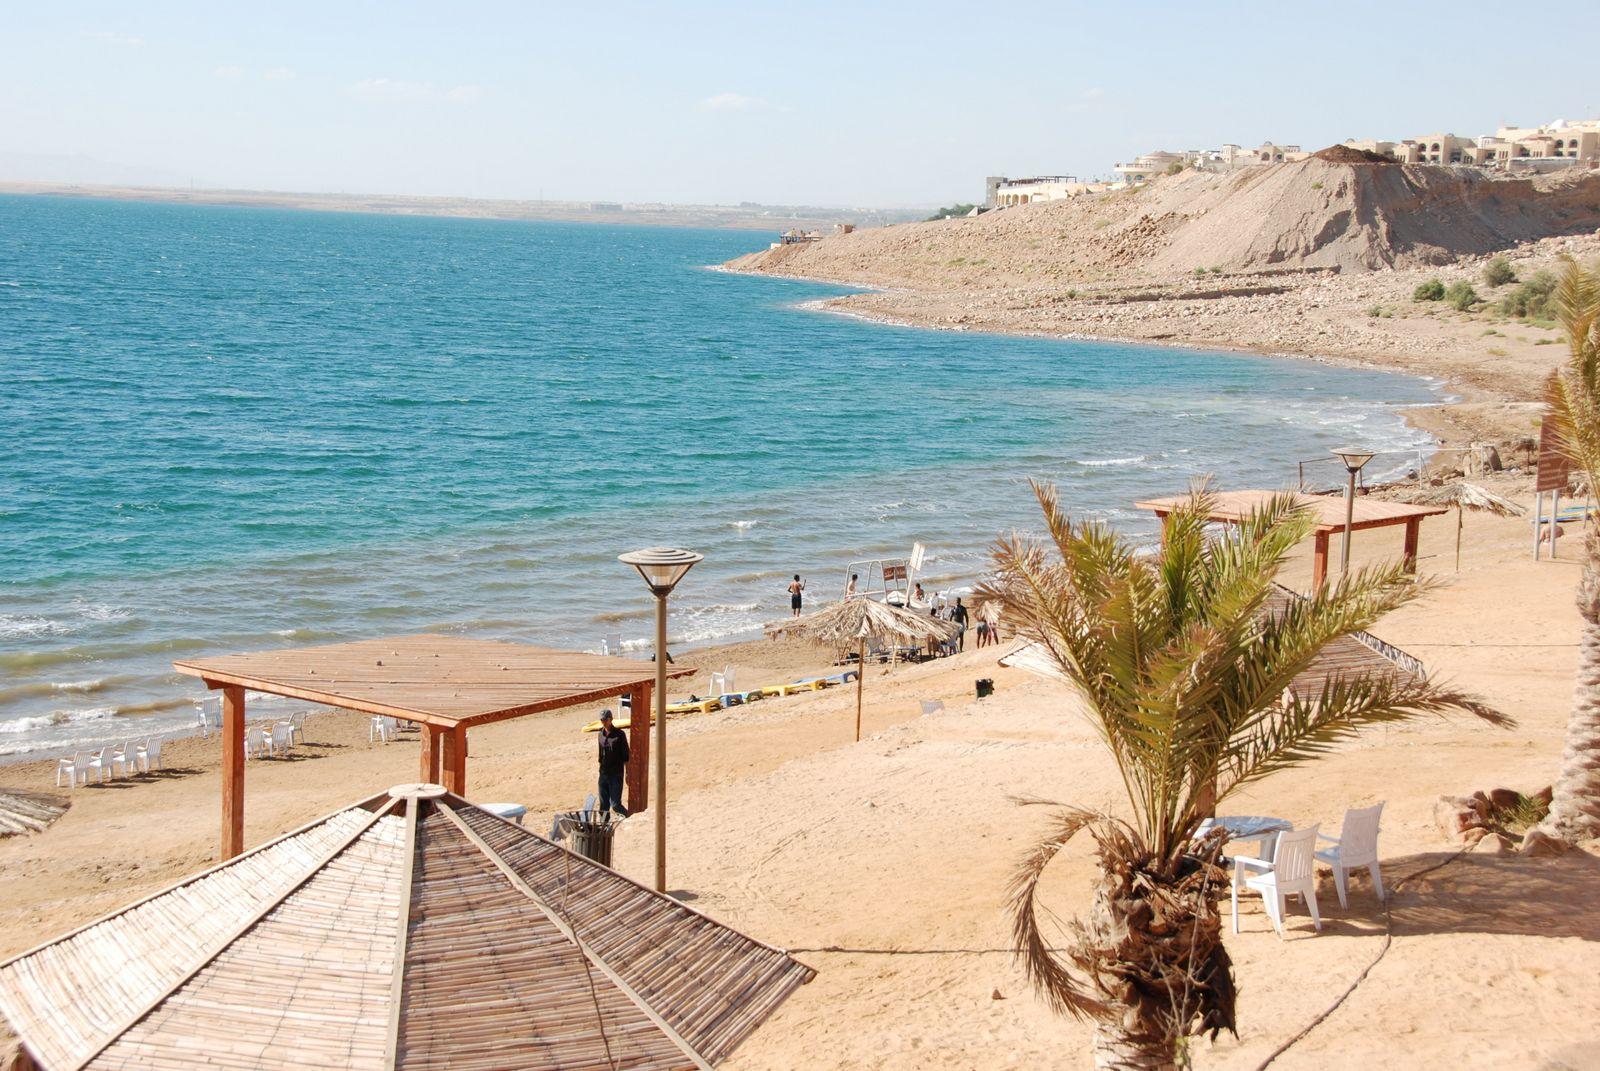 صور للبحر الميت